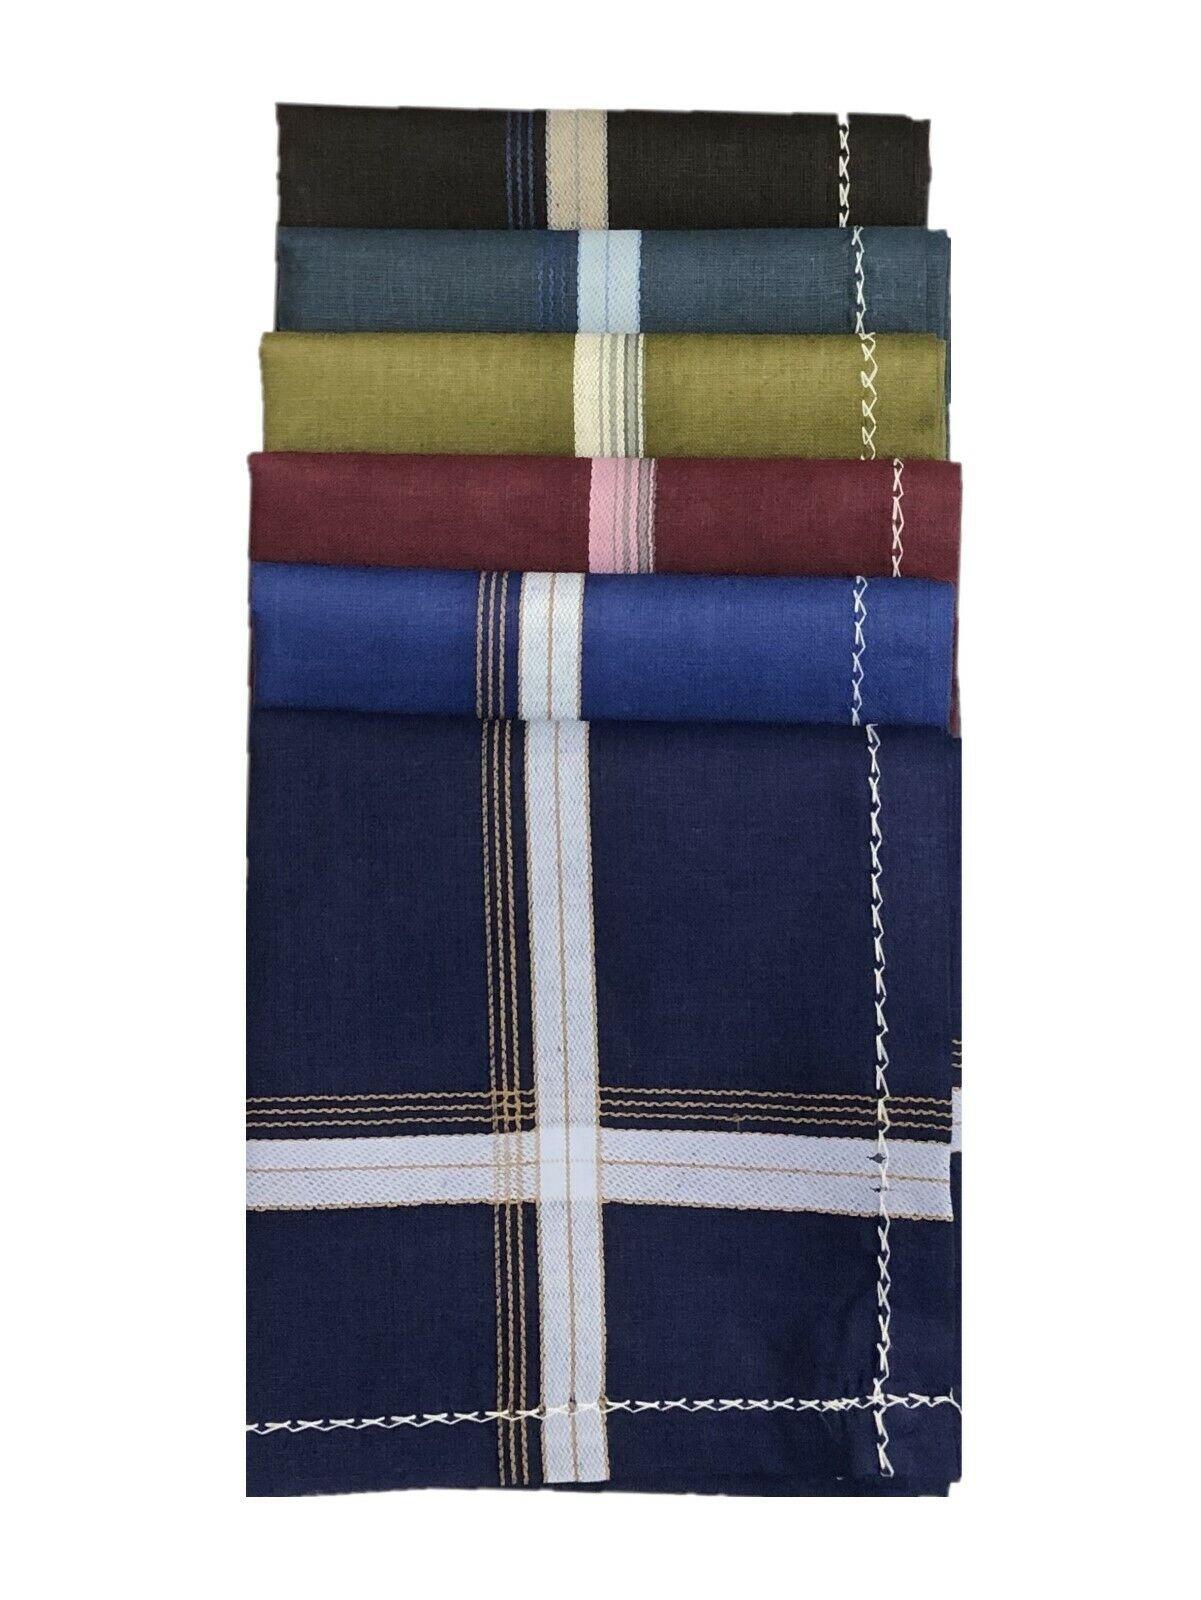 100% Cotton Mens Gents Handkerchiefs Hankies 48 x 48cm 6pcs Dark colour pack